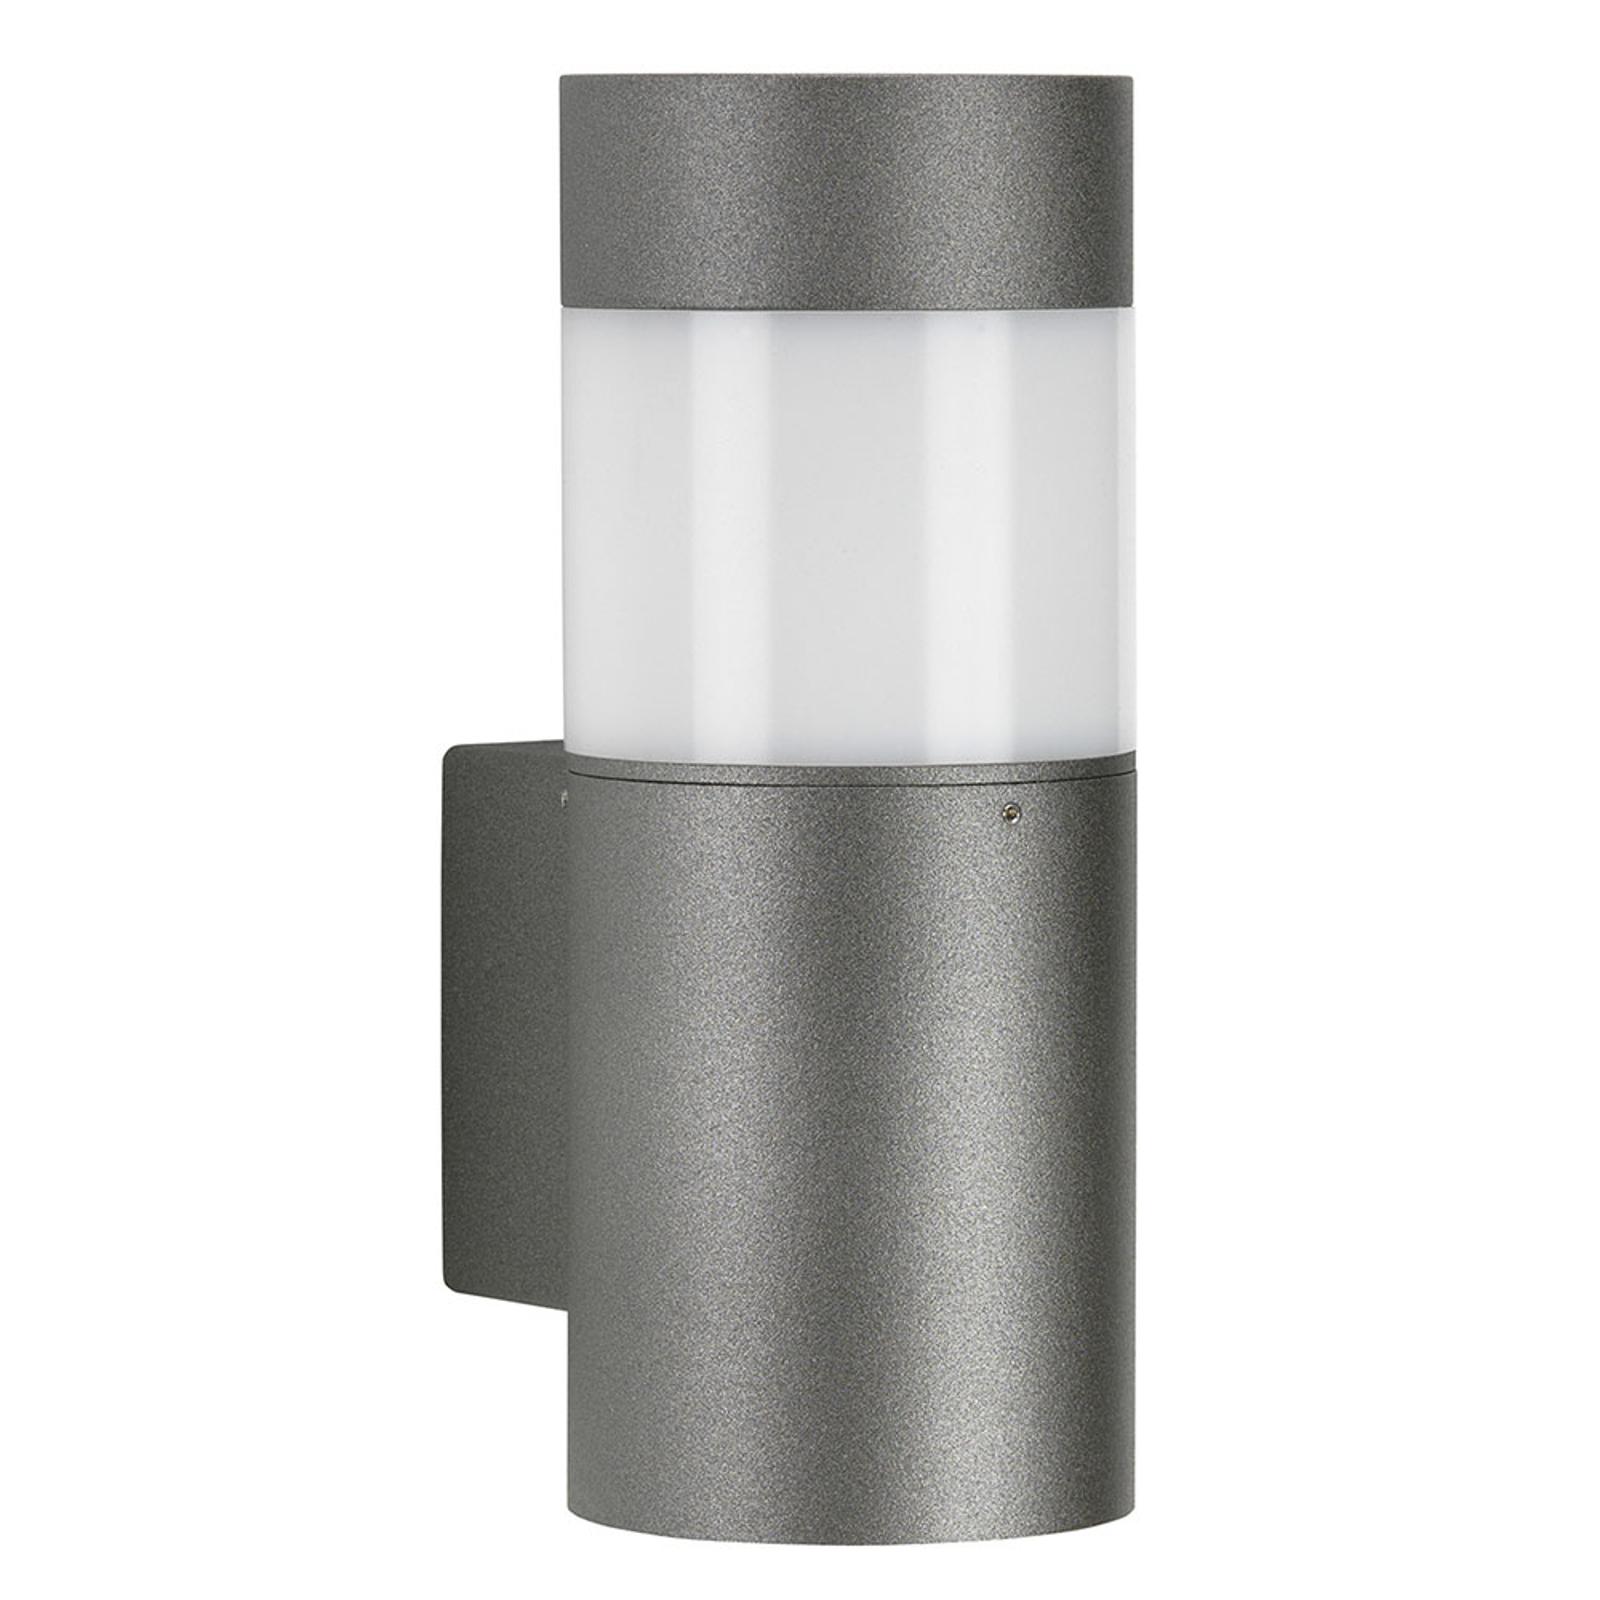 LED-Wandleuchte 0274/0275 mit Überspannungsschutz kaufen